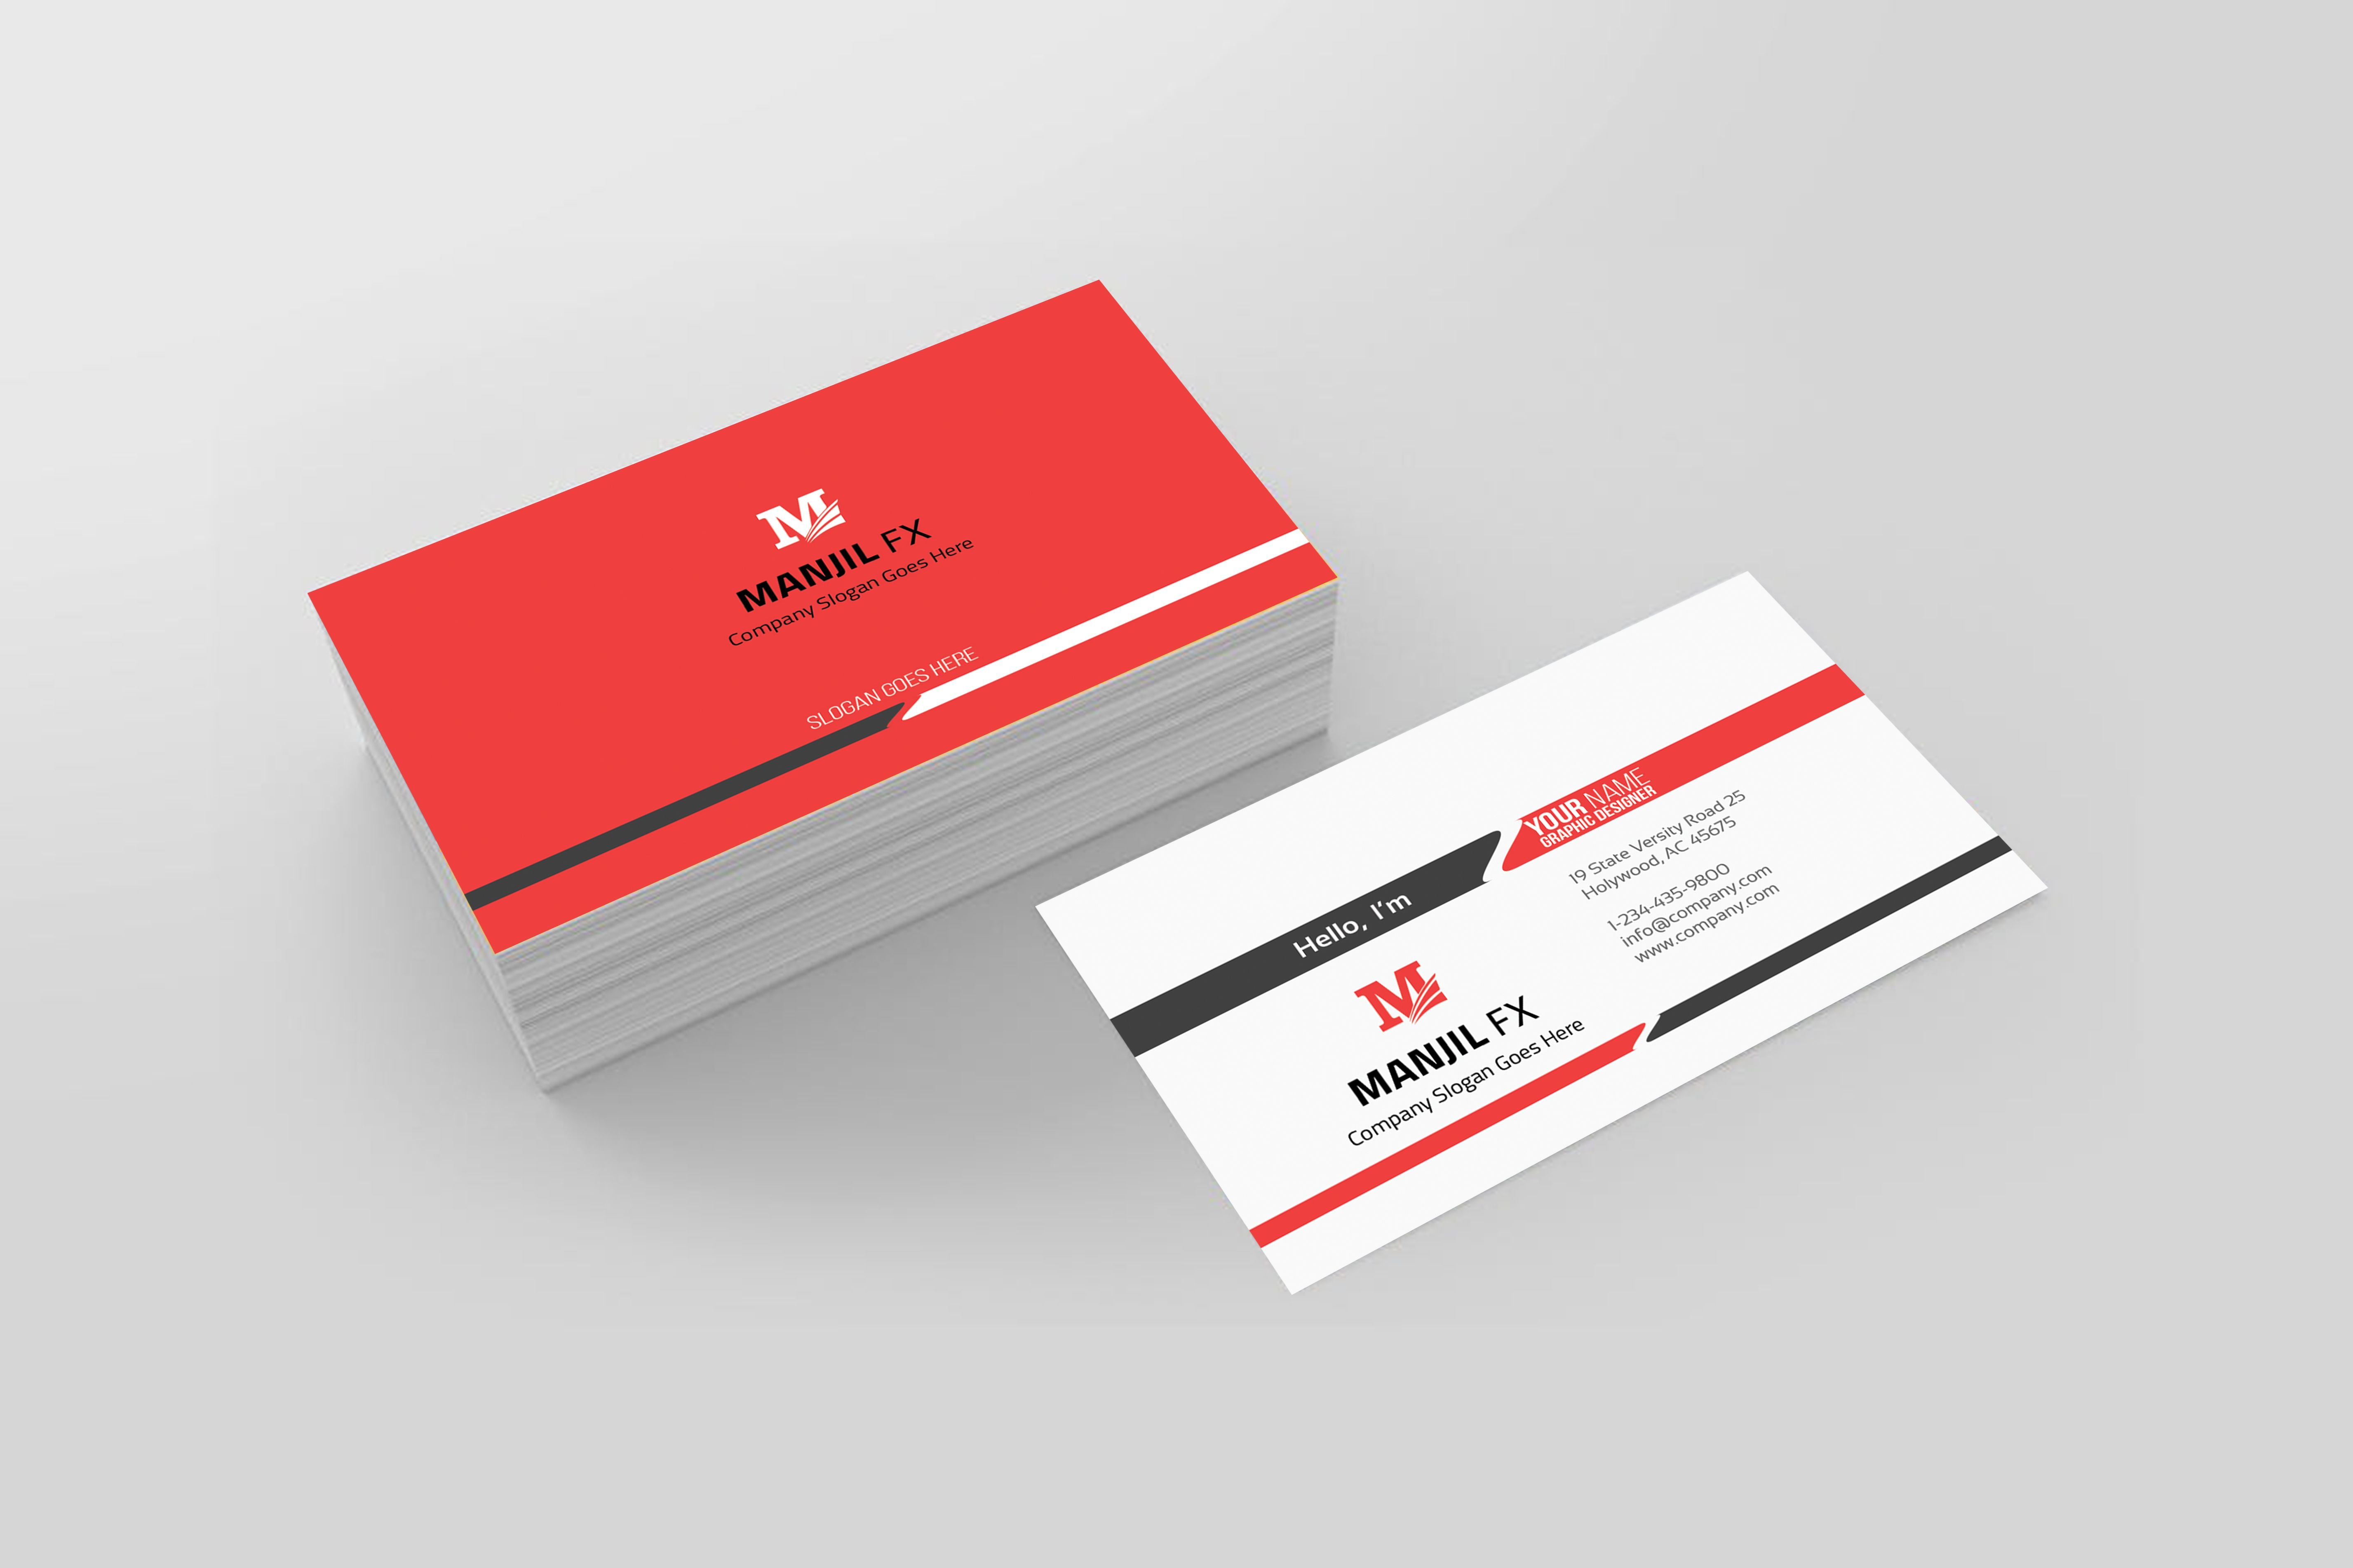 Unique business cards design within 2 hours | Unique business cards ...